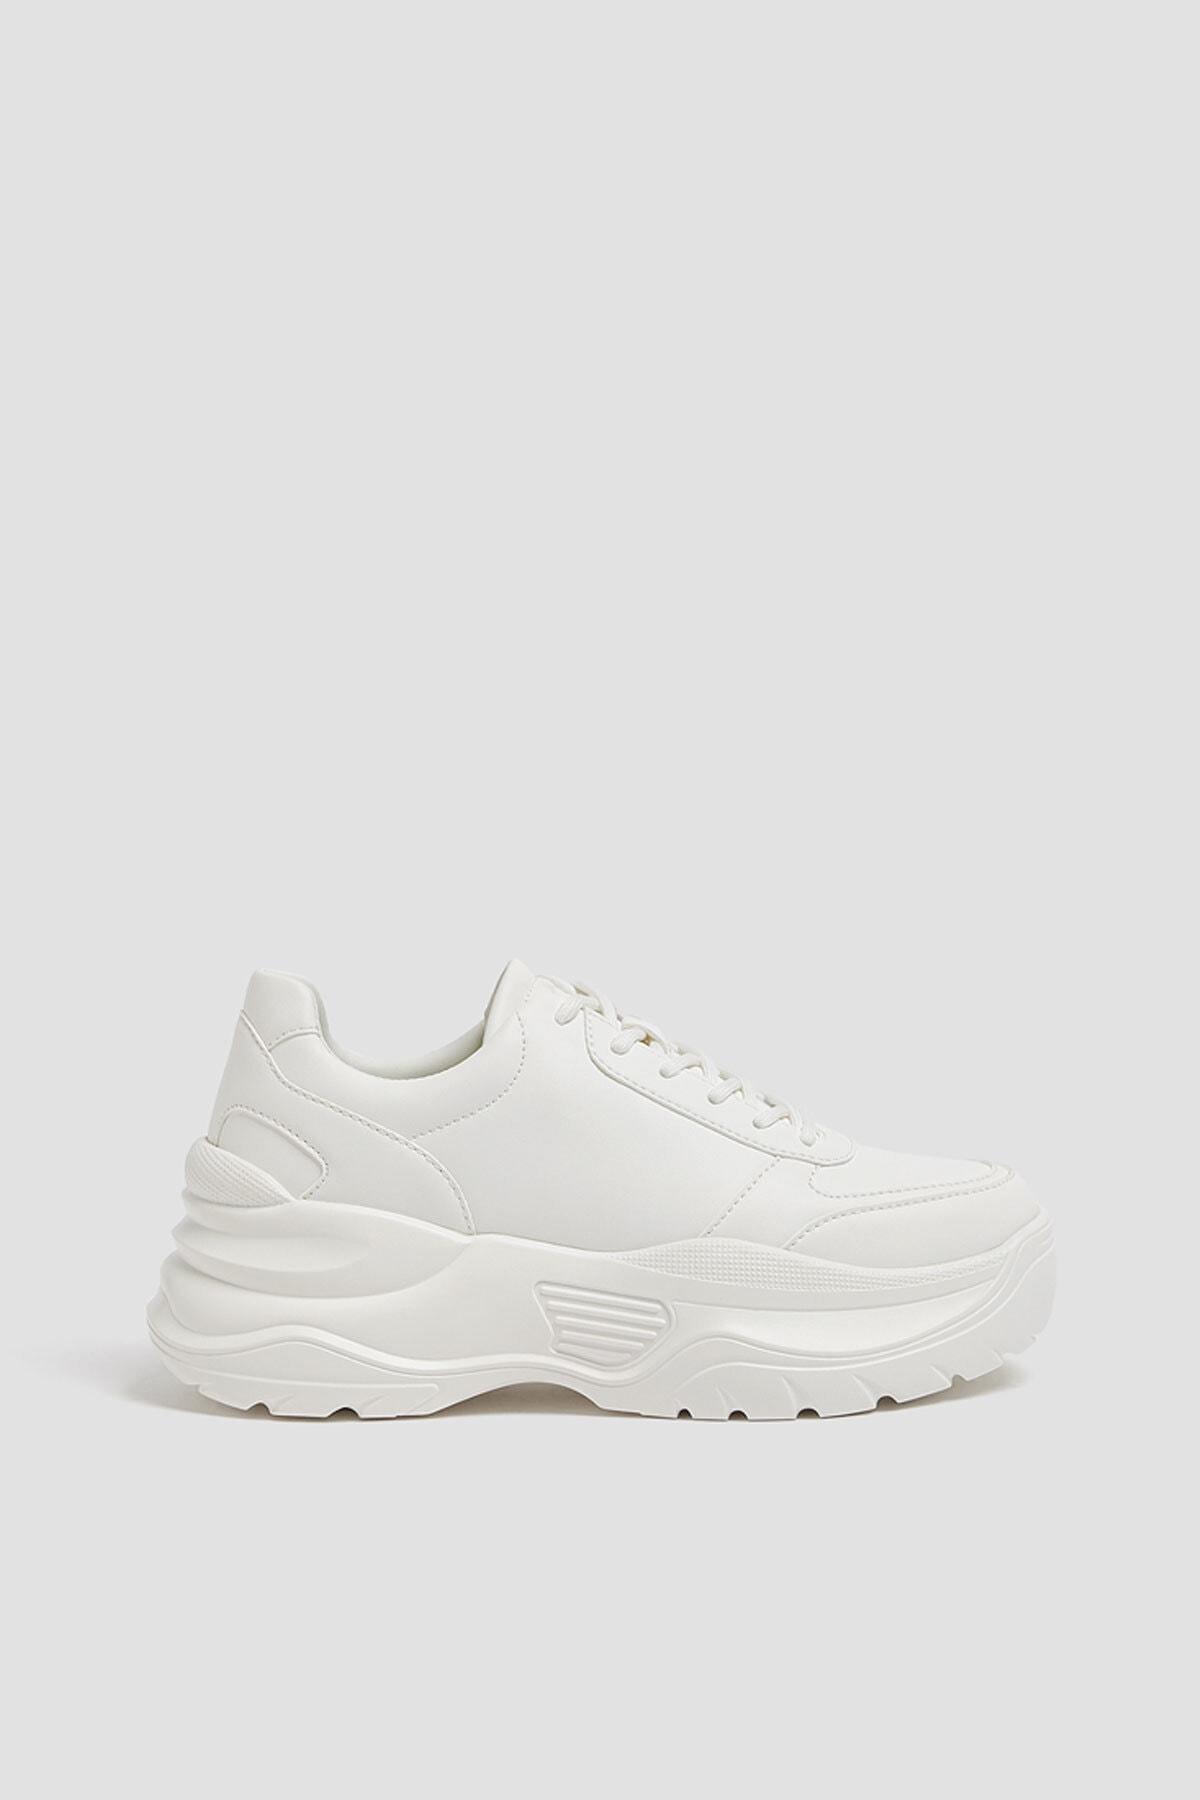 Pull & Bear Kadın Beyaz Tek Renk Beyaz Kalın Tabanlı Spor Ayakkabı 11306640